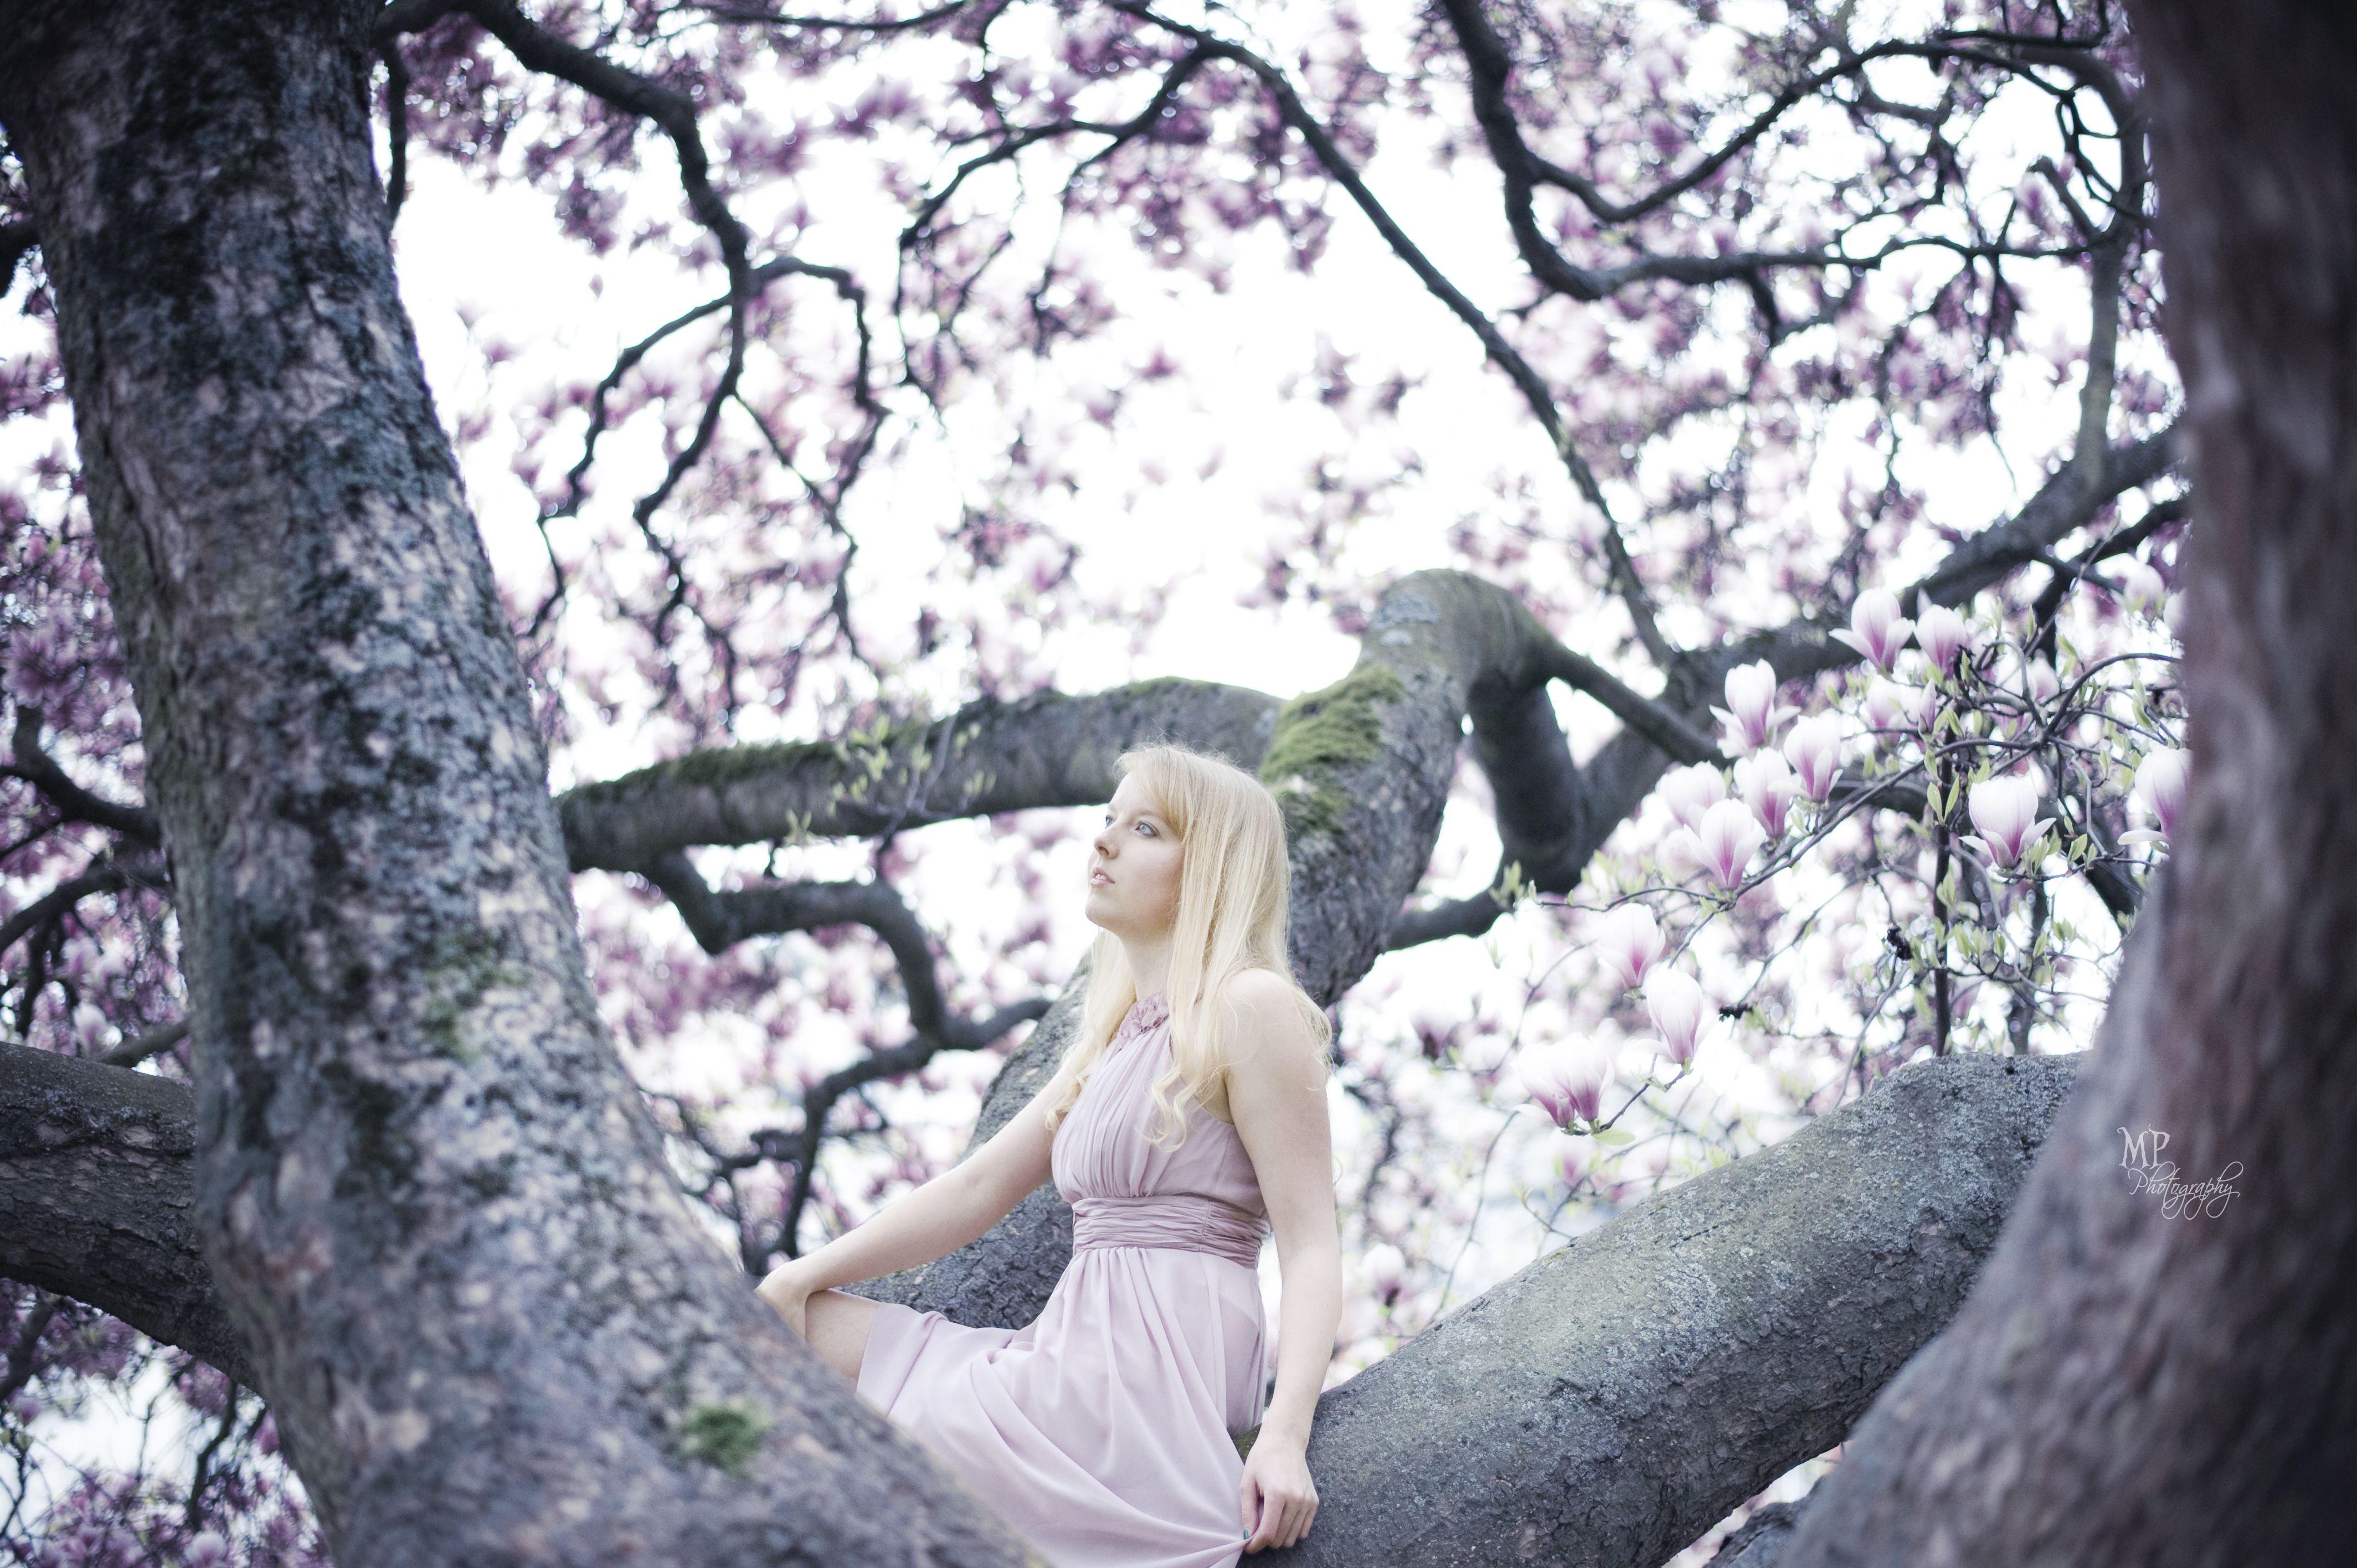 Portraitfotografie von Miriam Peuser Photography www.miriampeuserphotography.de  portrait | woman | outdoor | spring | magnolia | tree